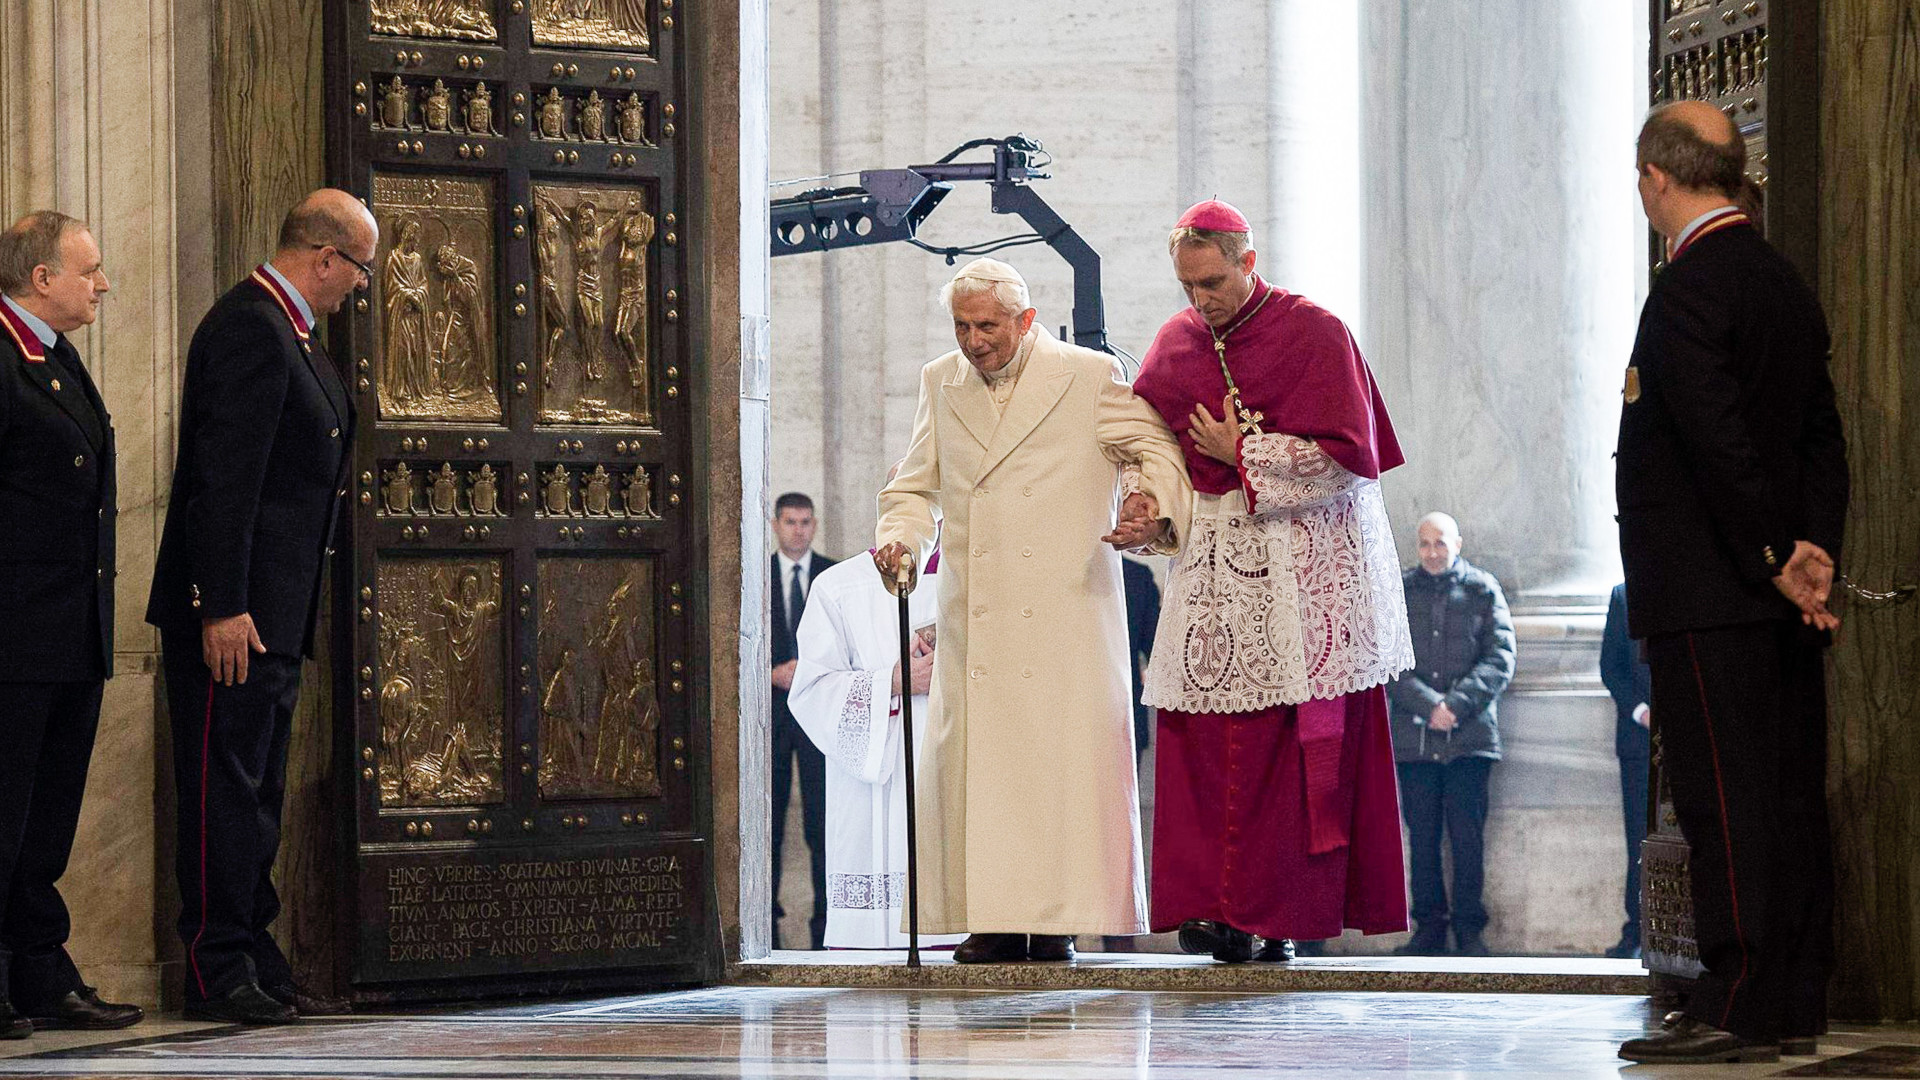 Ein gebrechlicher Ex-Papst lässt sich seinem Privatsekretär Kurienerzbischof Georg Gänswein stützen (Aufnahme von 2015). | ©KNA